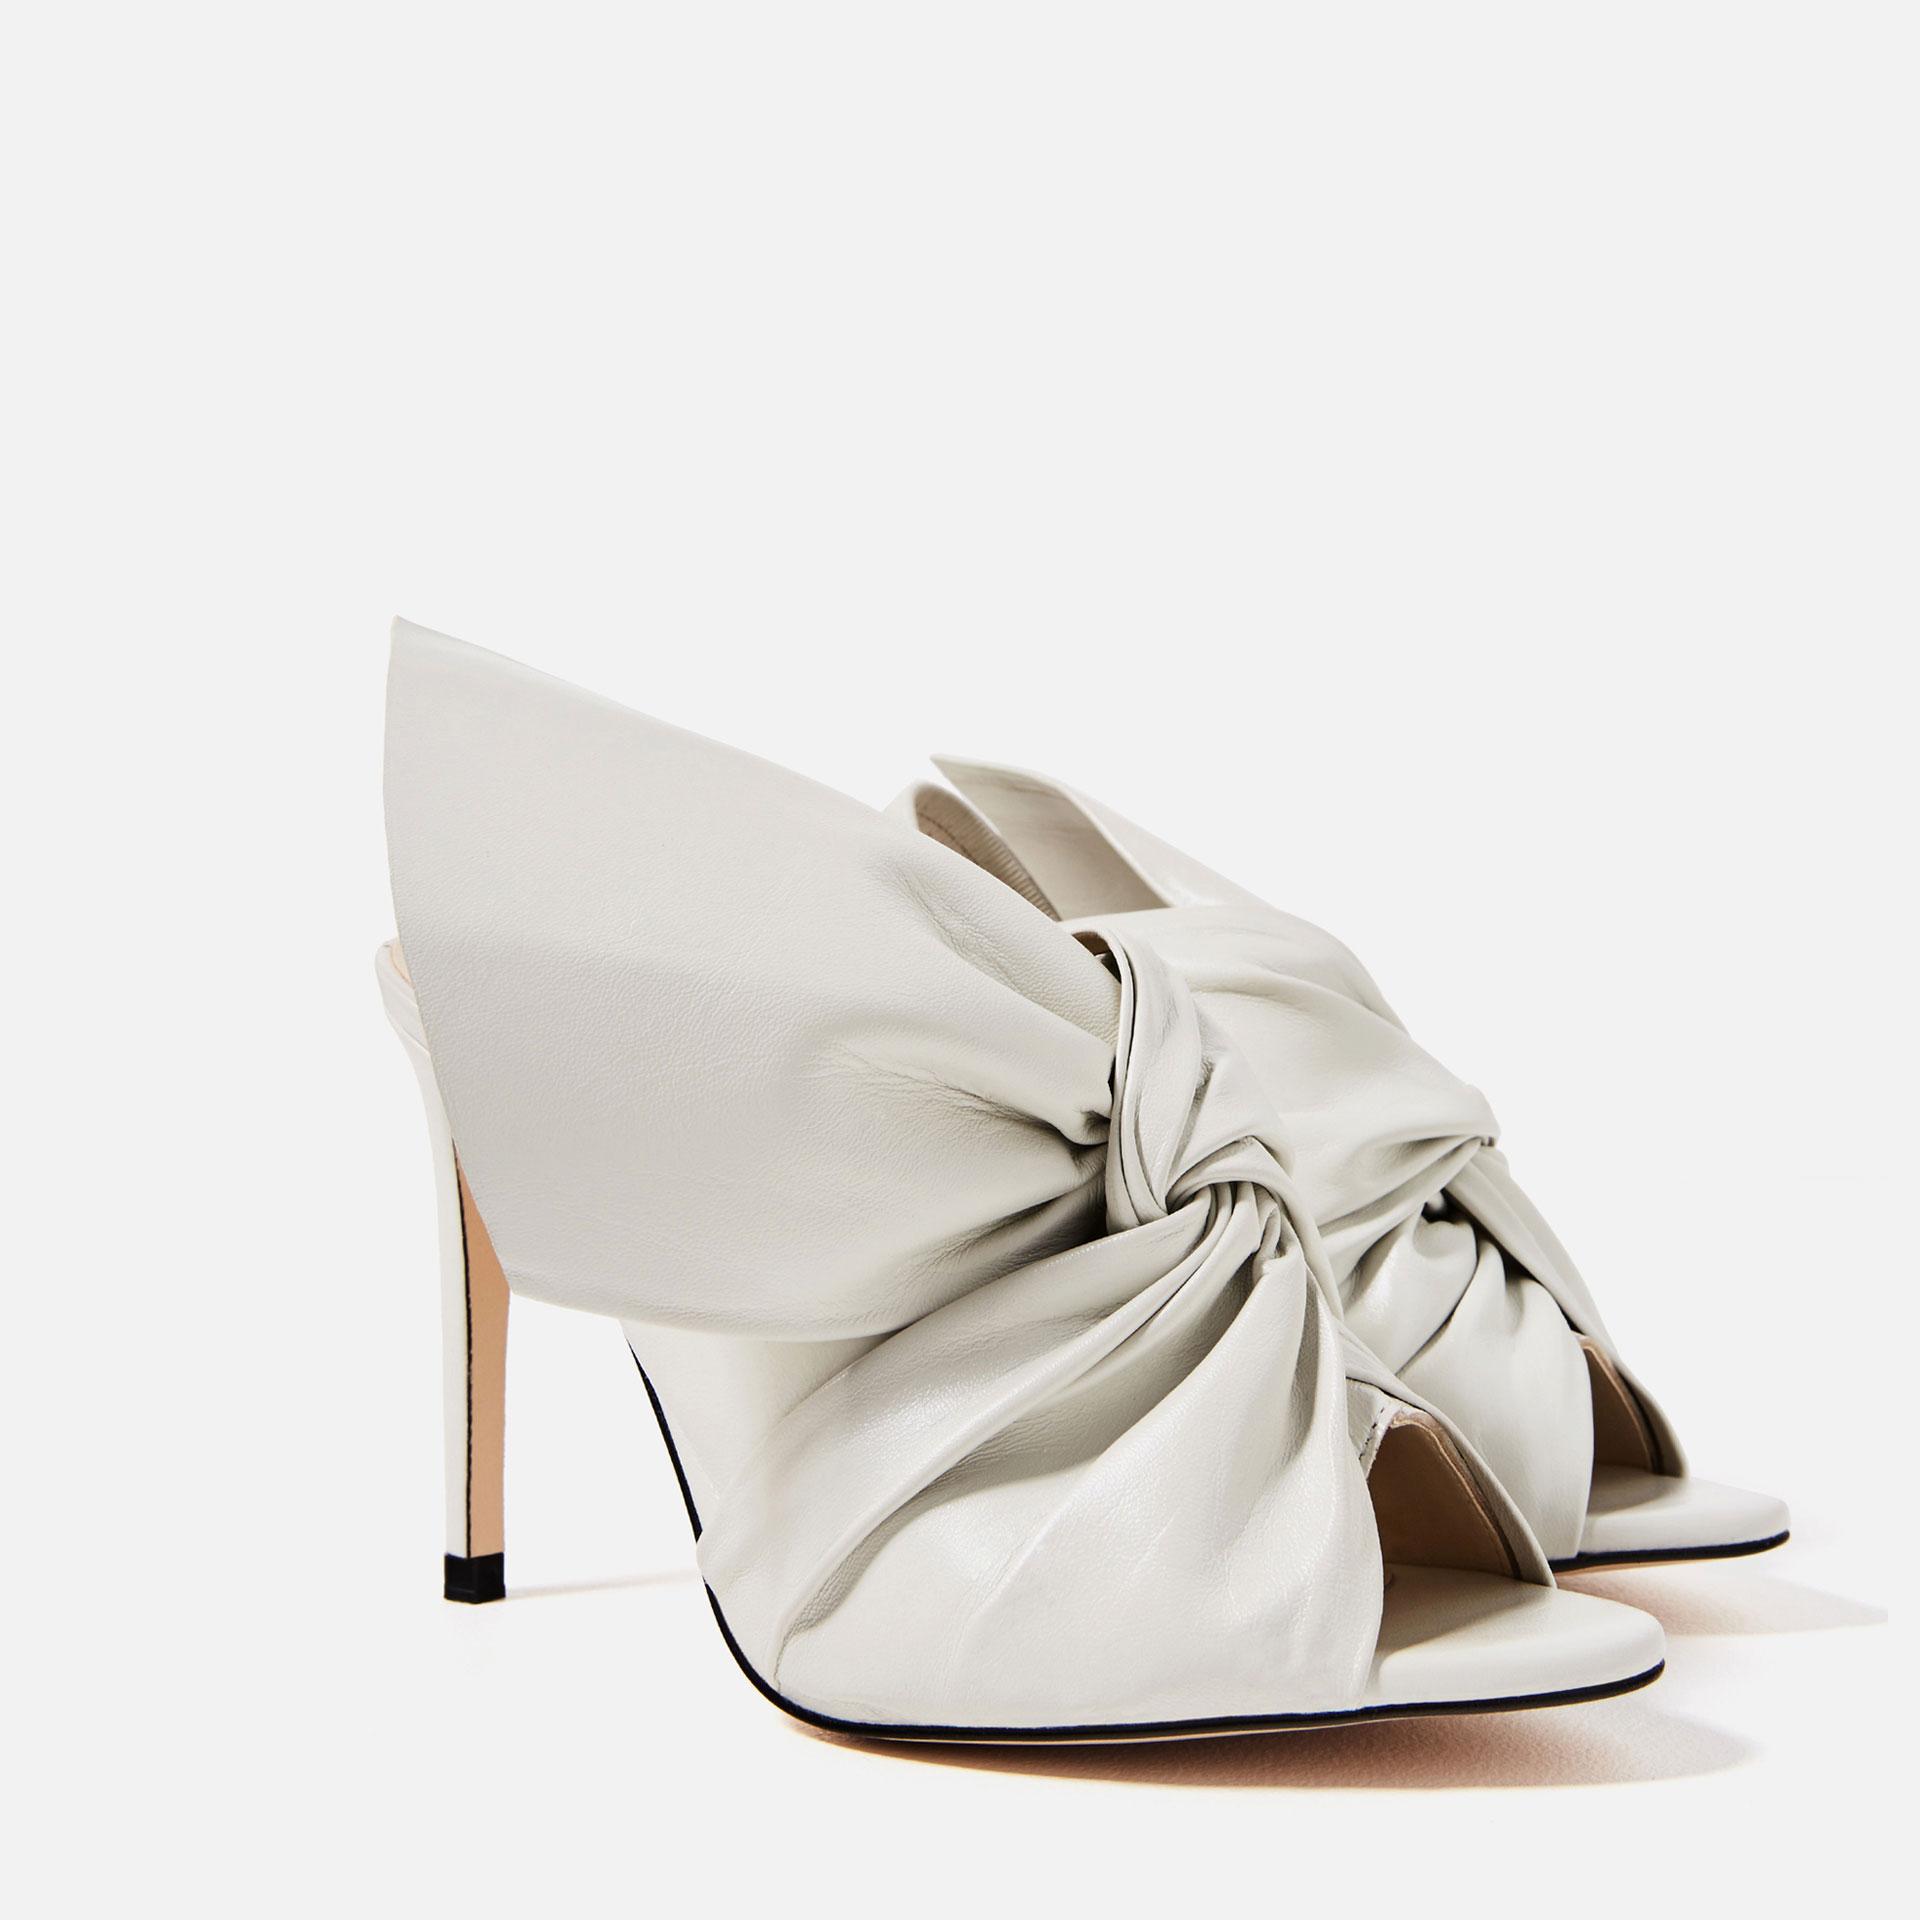 sandale en cuir avec un noeud zara on shoppe quoi chez. Black Bedroom Furniture Sets. Home Design Ideas